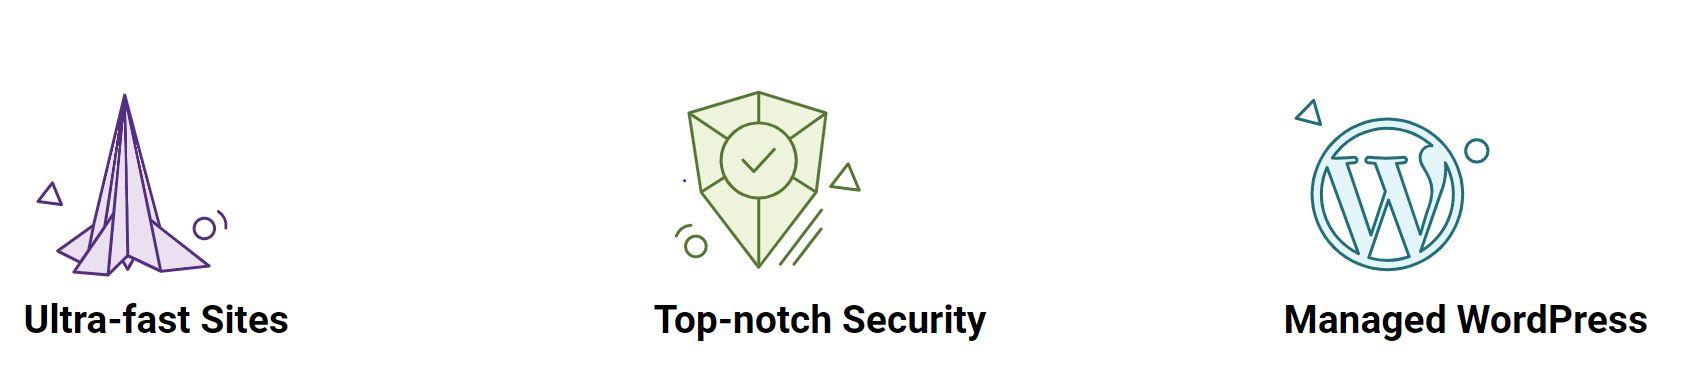 La seguridad es uno de los valores mása buscados en una comparativa de hosting.